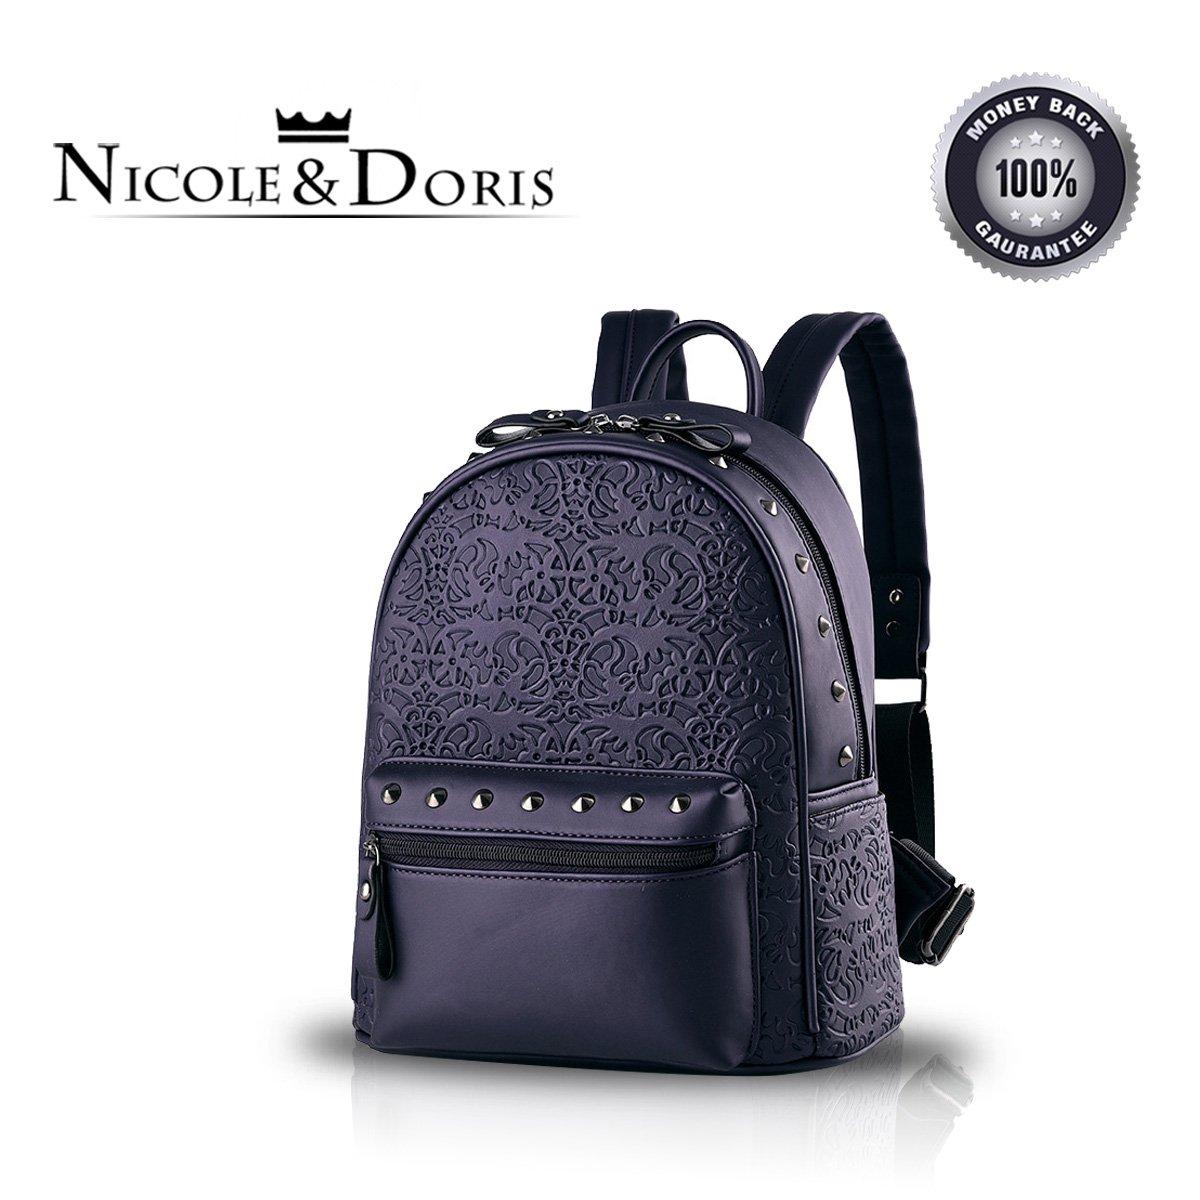 Nicole&Doris New Präge Mode Wilde Reisetaschen Mädchen-Schule-Taschen Rucksäcke PU-Leder-Handtas...